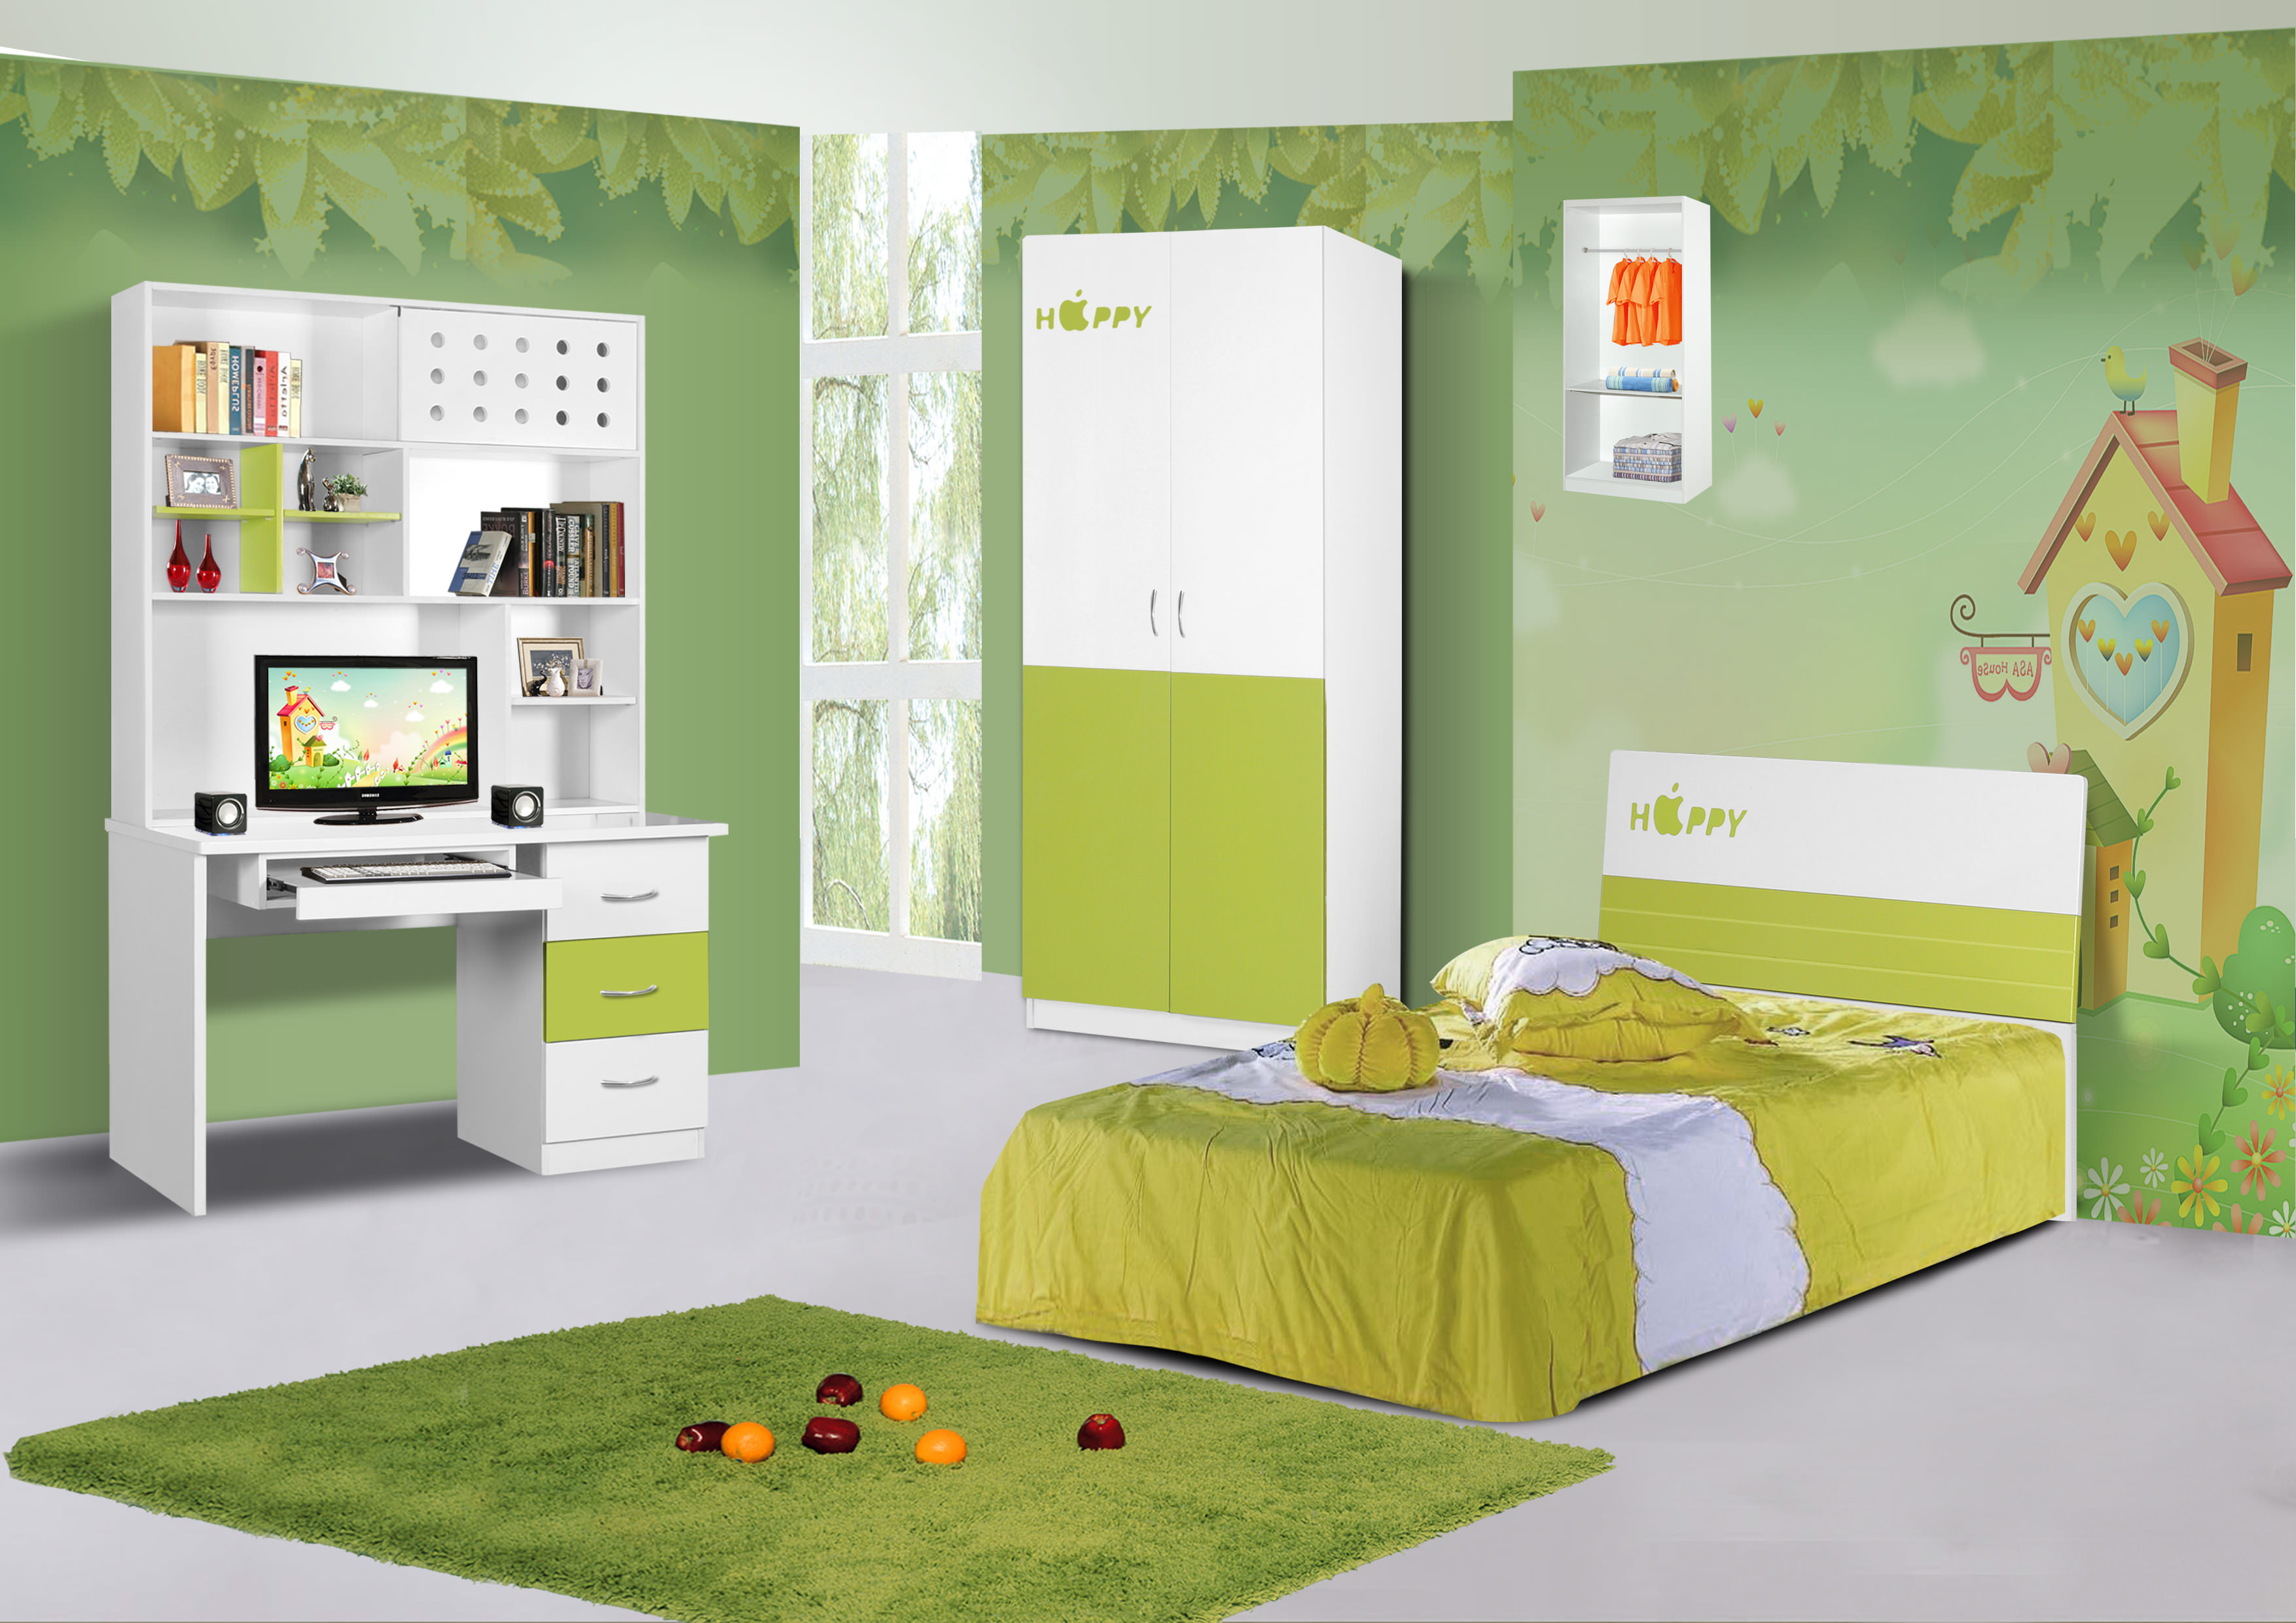 children bedroom singer malaysia. Black Bedroom Furniture Sets. Home Design Ideas